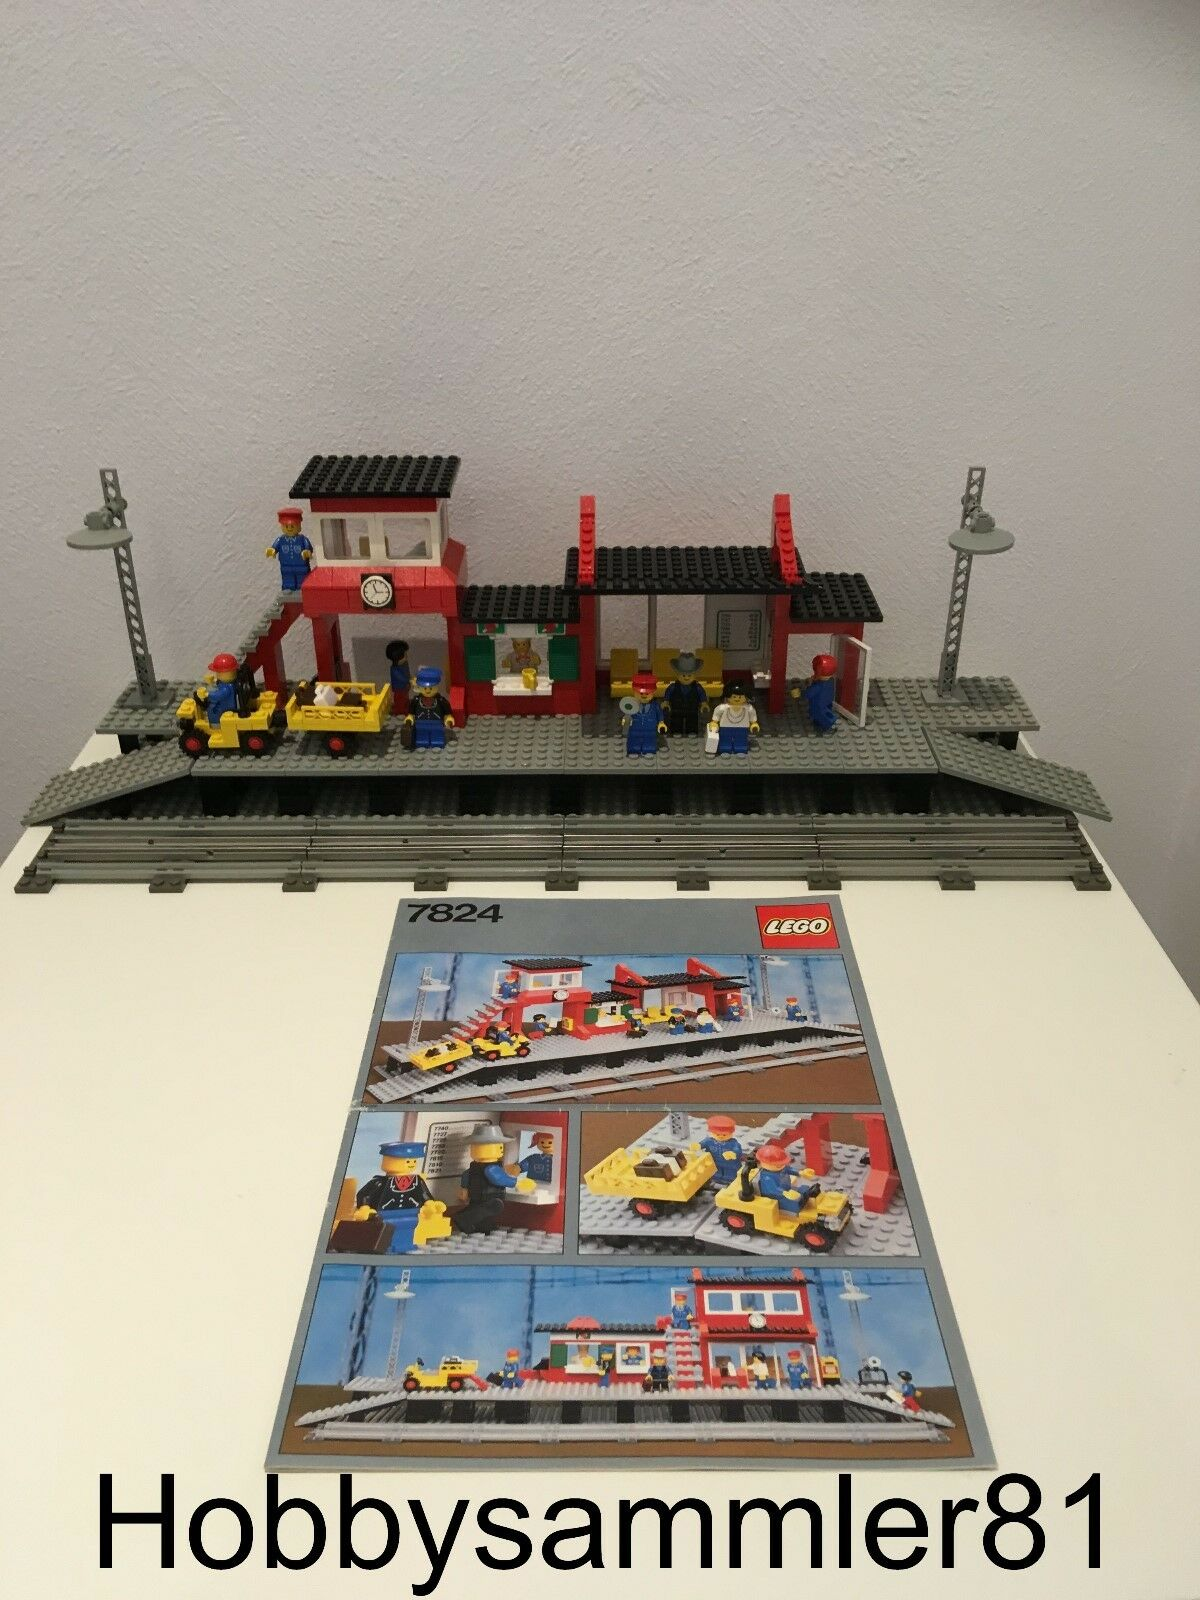 Lego® 7824 Railway Station / Bahnhof / 4,5V 12V Eisenbahn